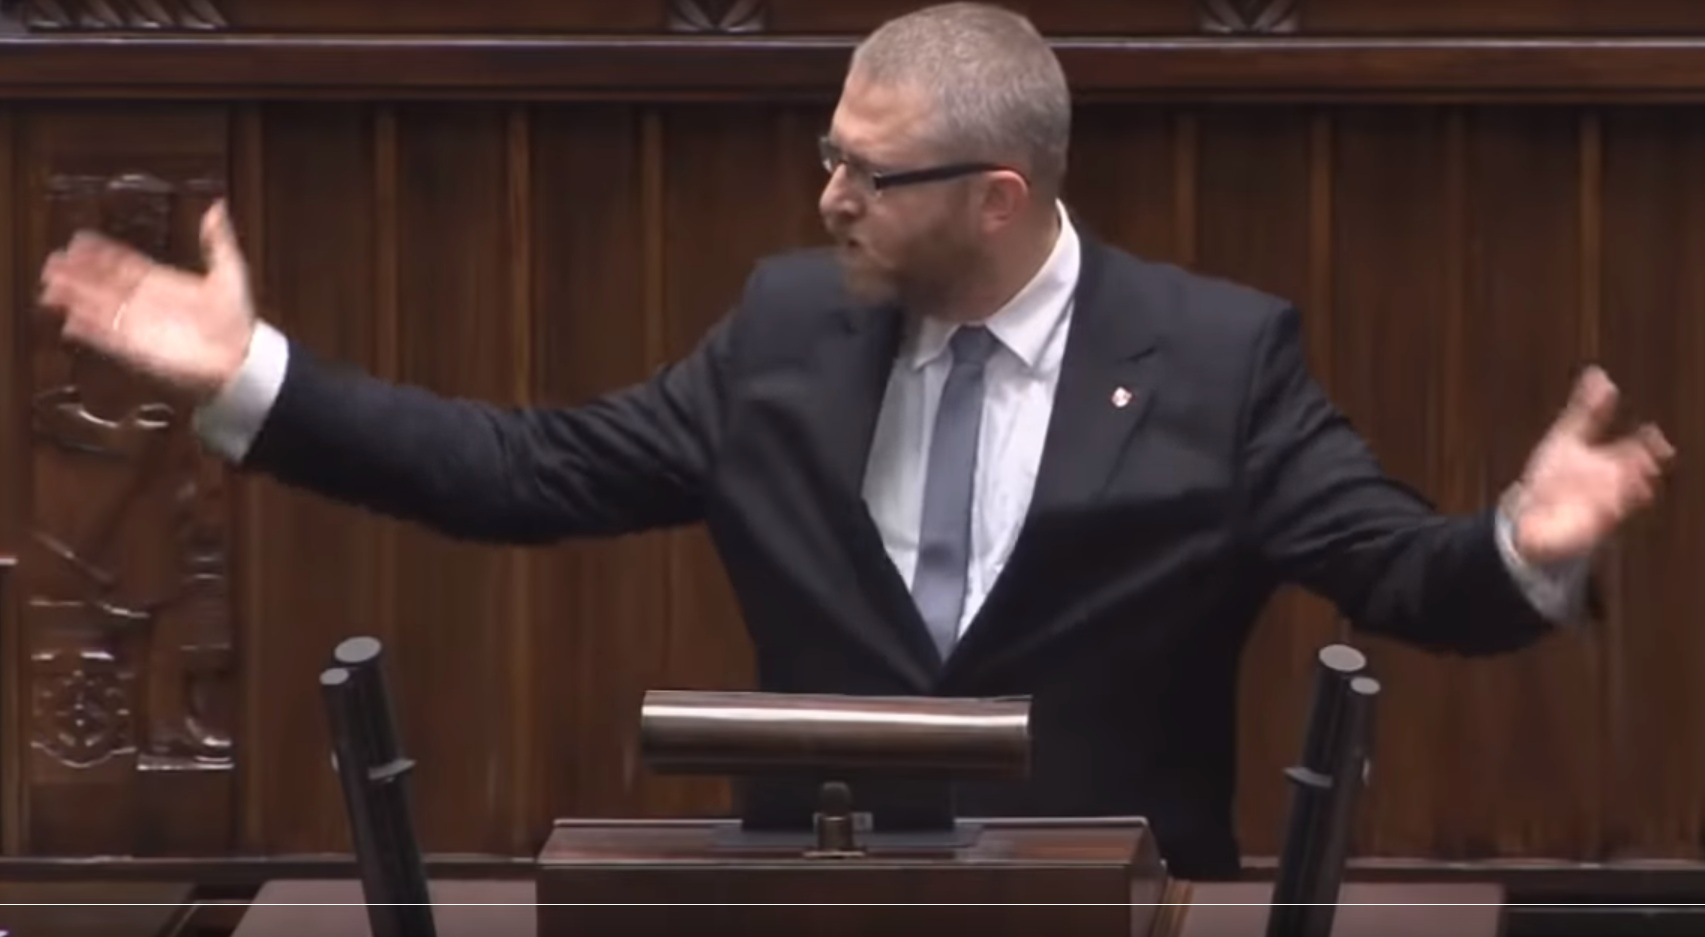 """propolski.pl: Braun ostro o Niedzielskim i Morawieckim: """"Przestępcy, którzy odpowiadają za ruinę polskiej gospodarki"""" [WIDEO]"""